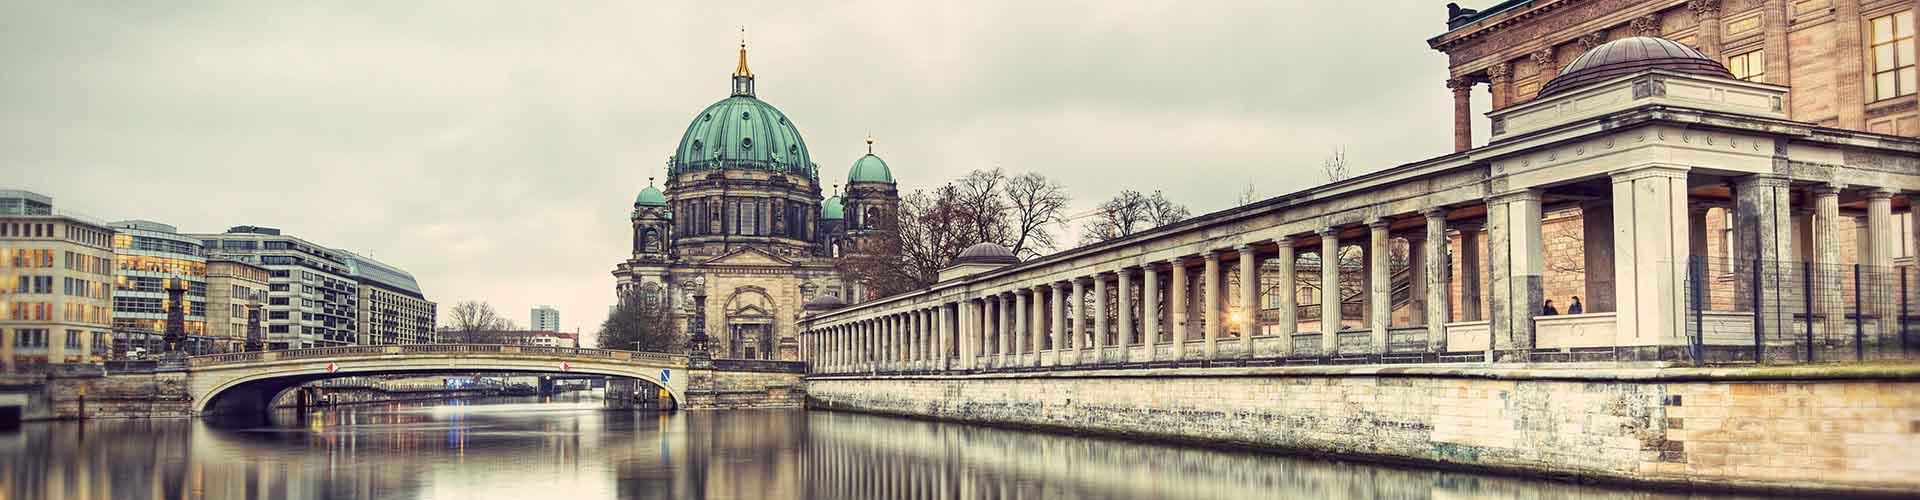 Berlín - Hostelů v blízkosti Berliner Dom. Mapy pro Berlín, fotky a recenze pro každý hostel v Berlín.